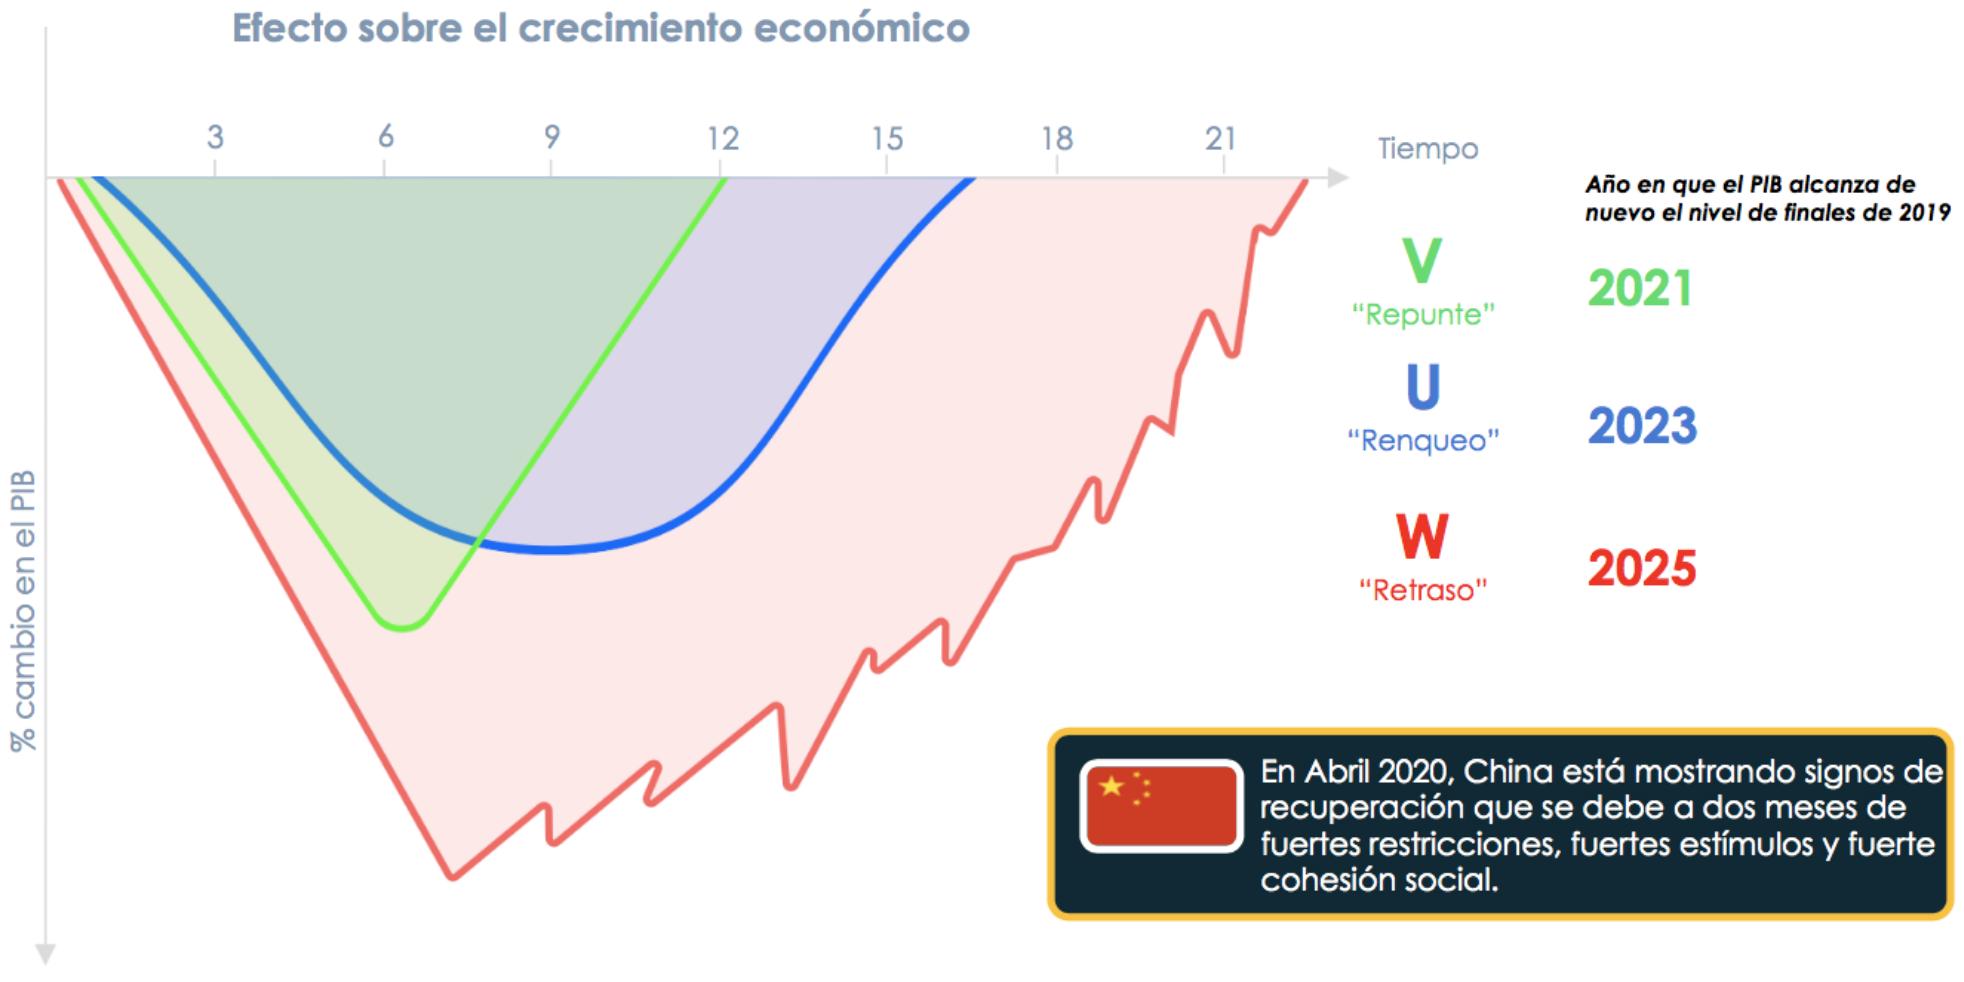 Figura 5. Posibles resultados macroeconómicos de cada escenario